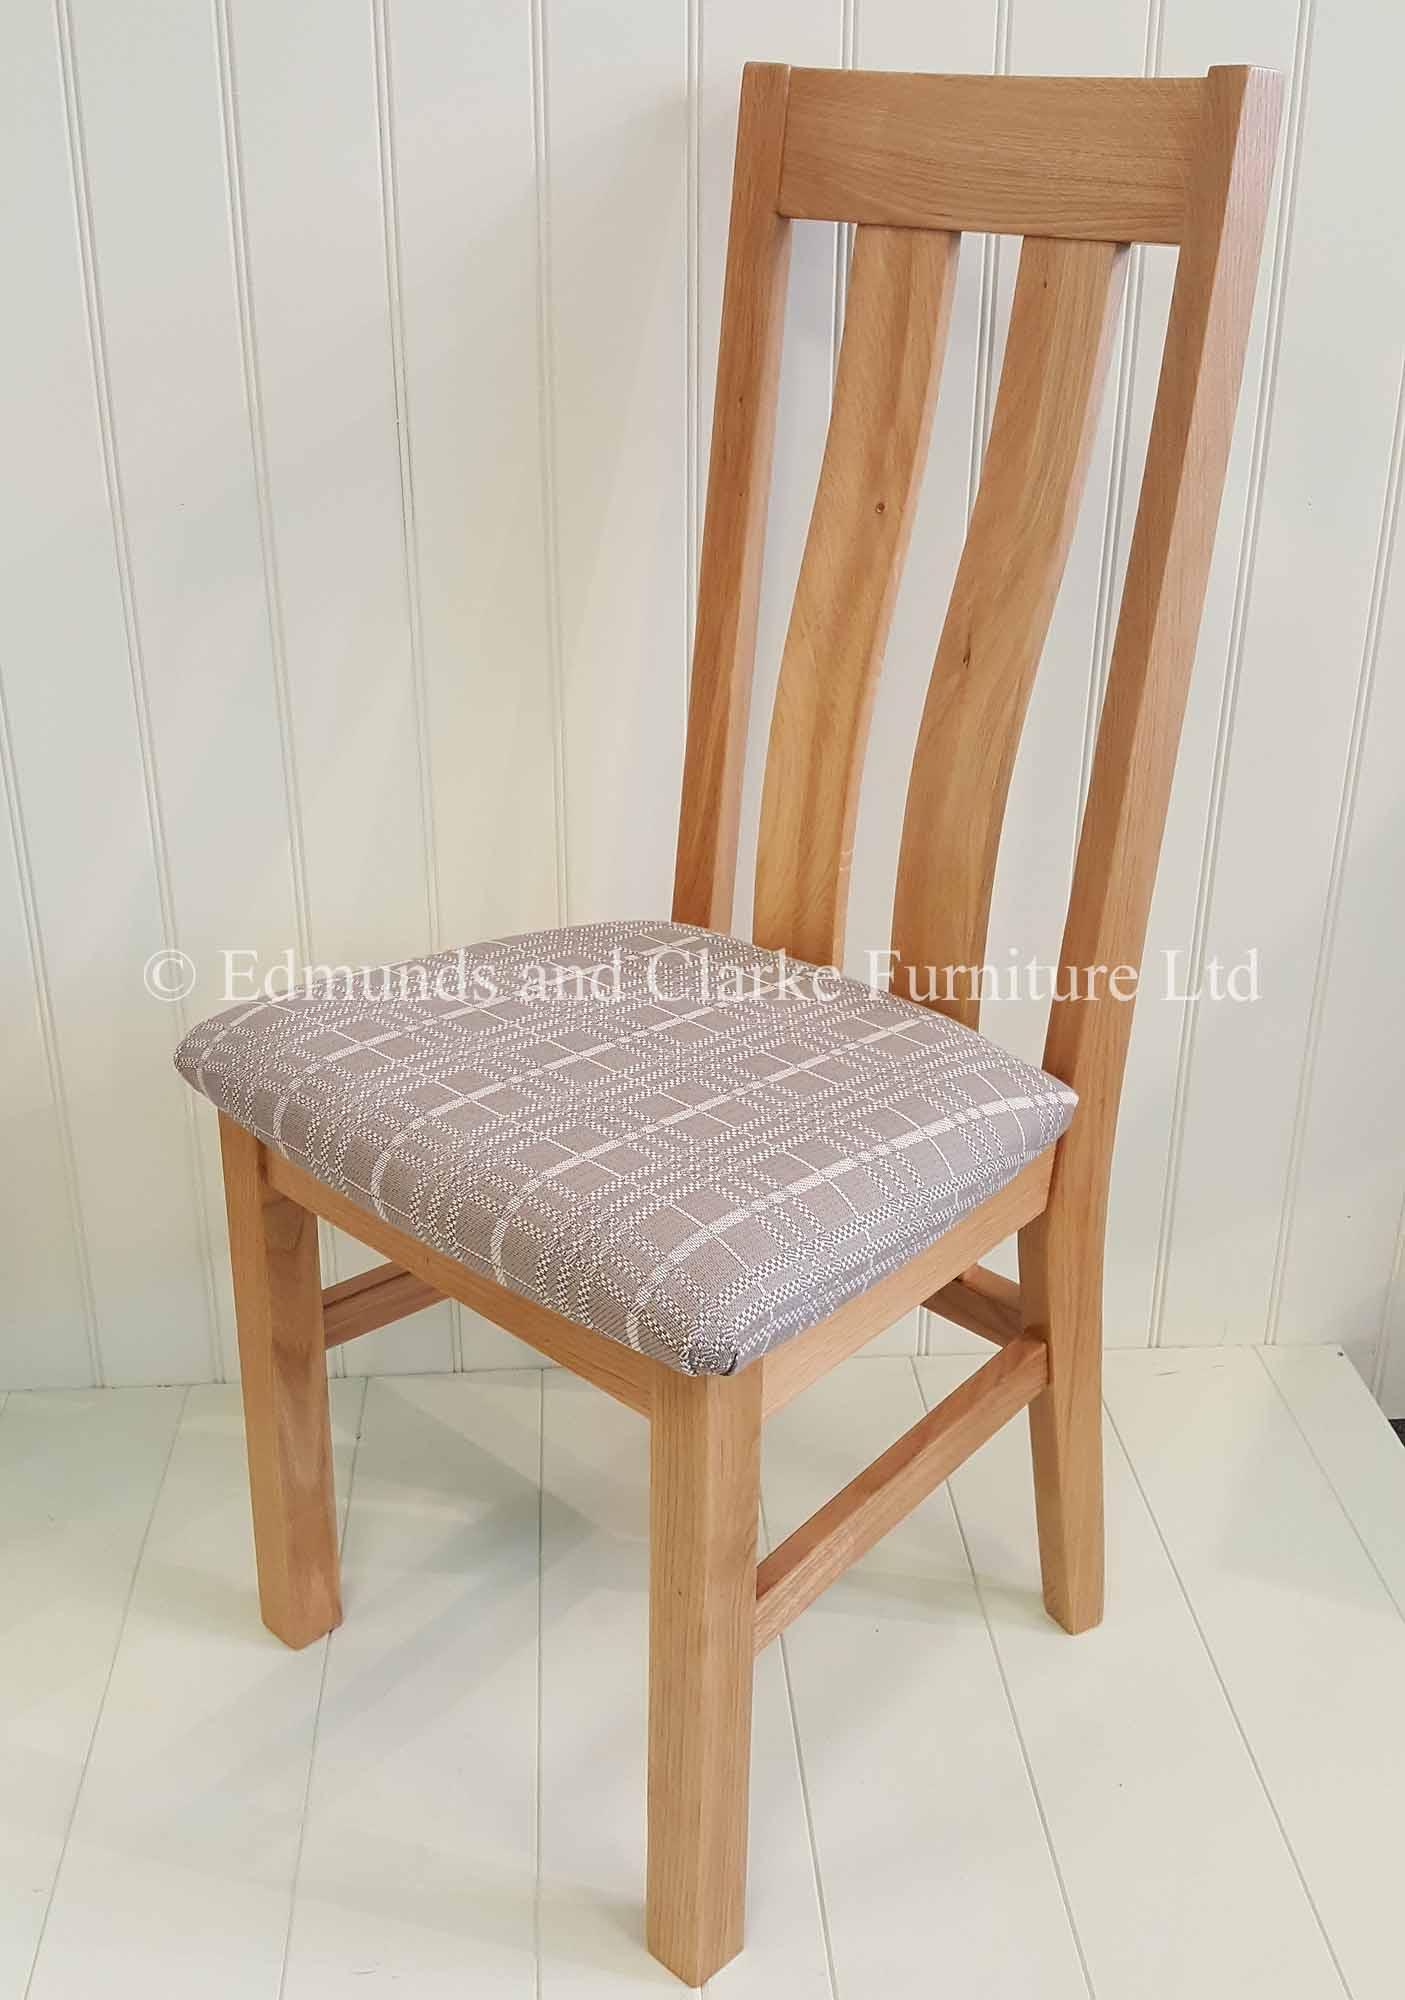 Harris oak dining chair two wide slats in back rest